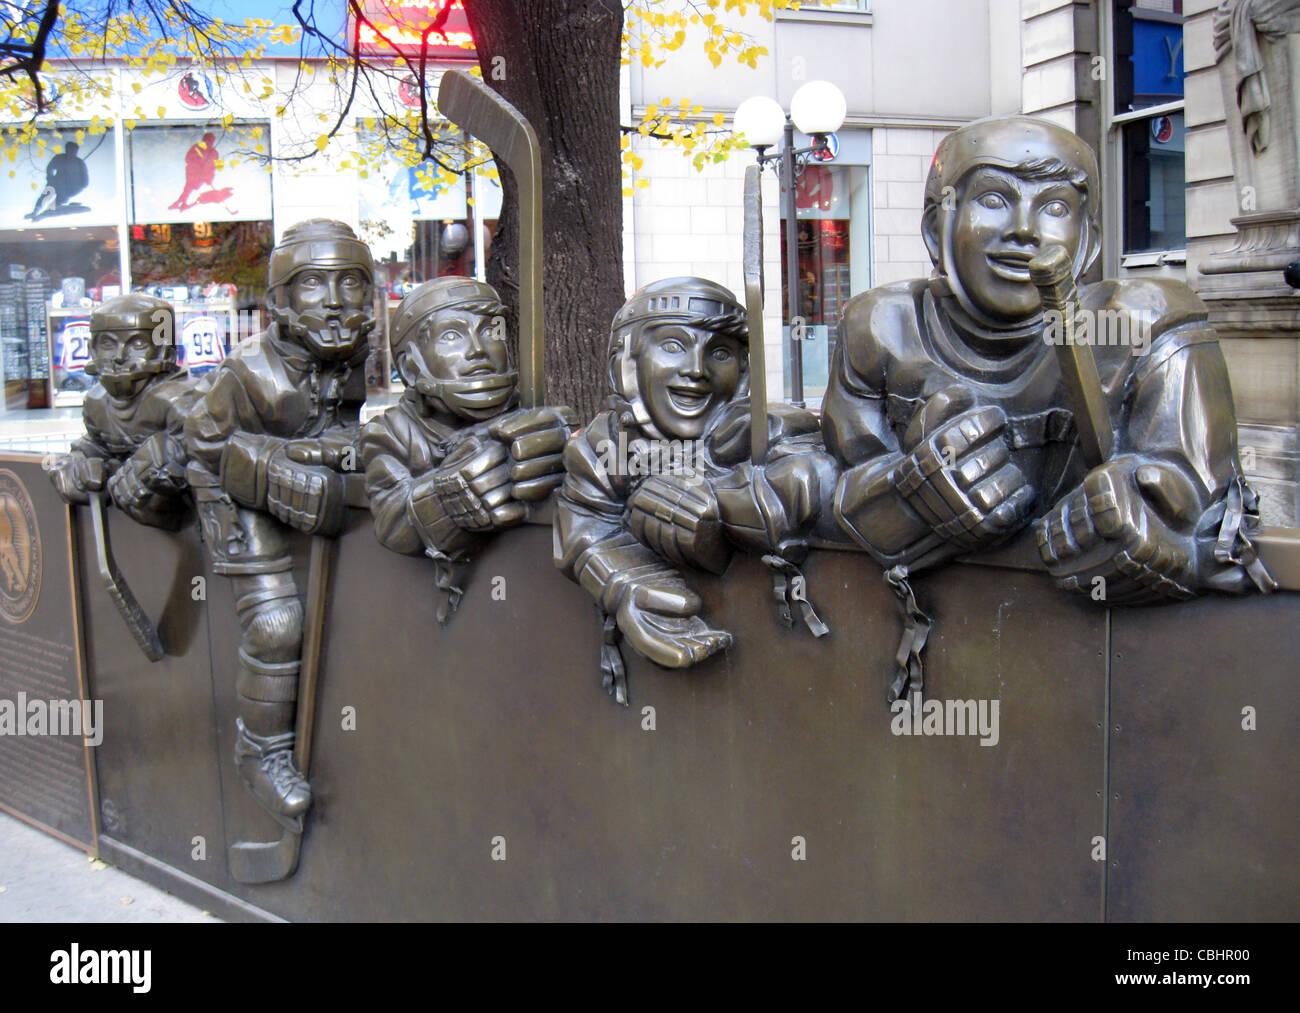 De LA RENOMMÉE DU HOCKEY, à Toronto. Sculpture de joueurs à l'extérieur du musée. Photo Photo Stock